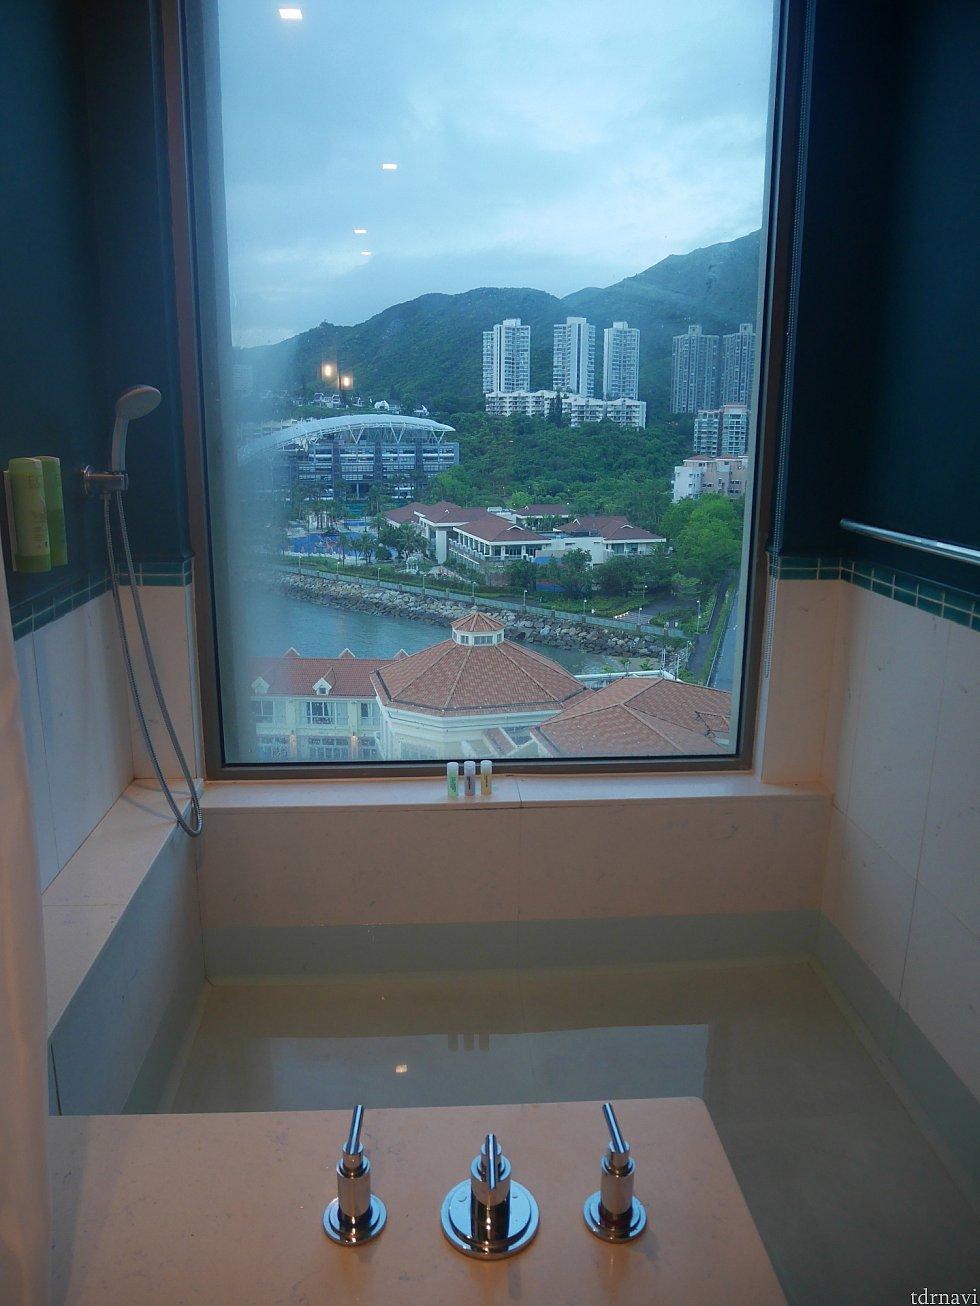 景色を見ながらお風呂に入れます!もちろんロールカーテンがあるので閉められます(笑)